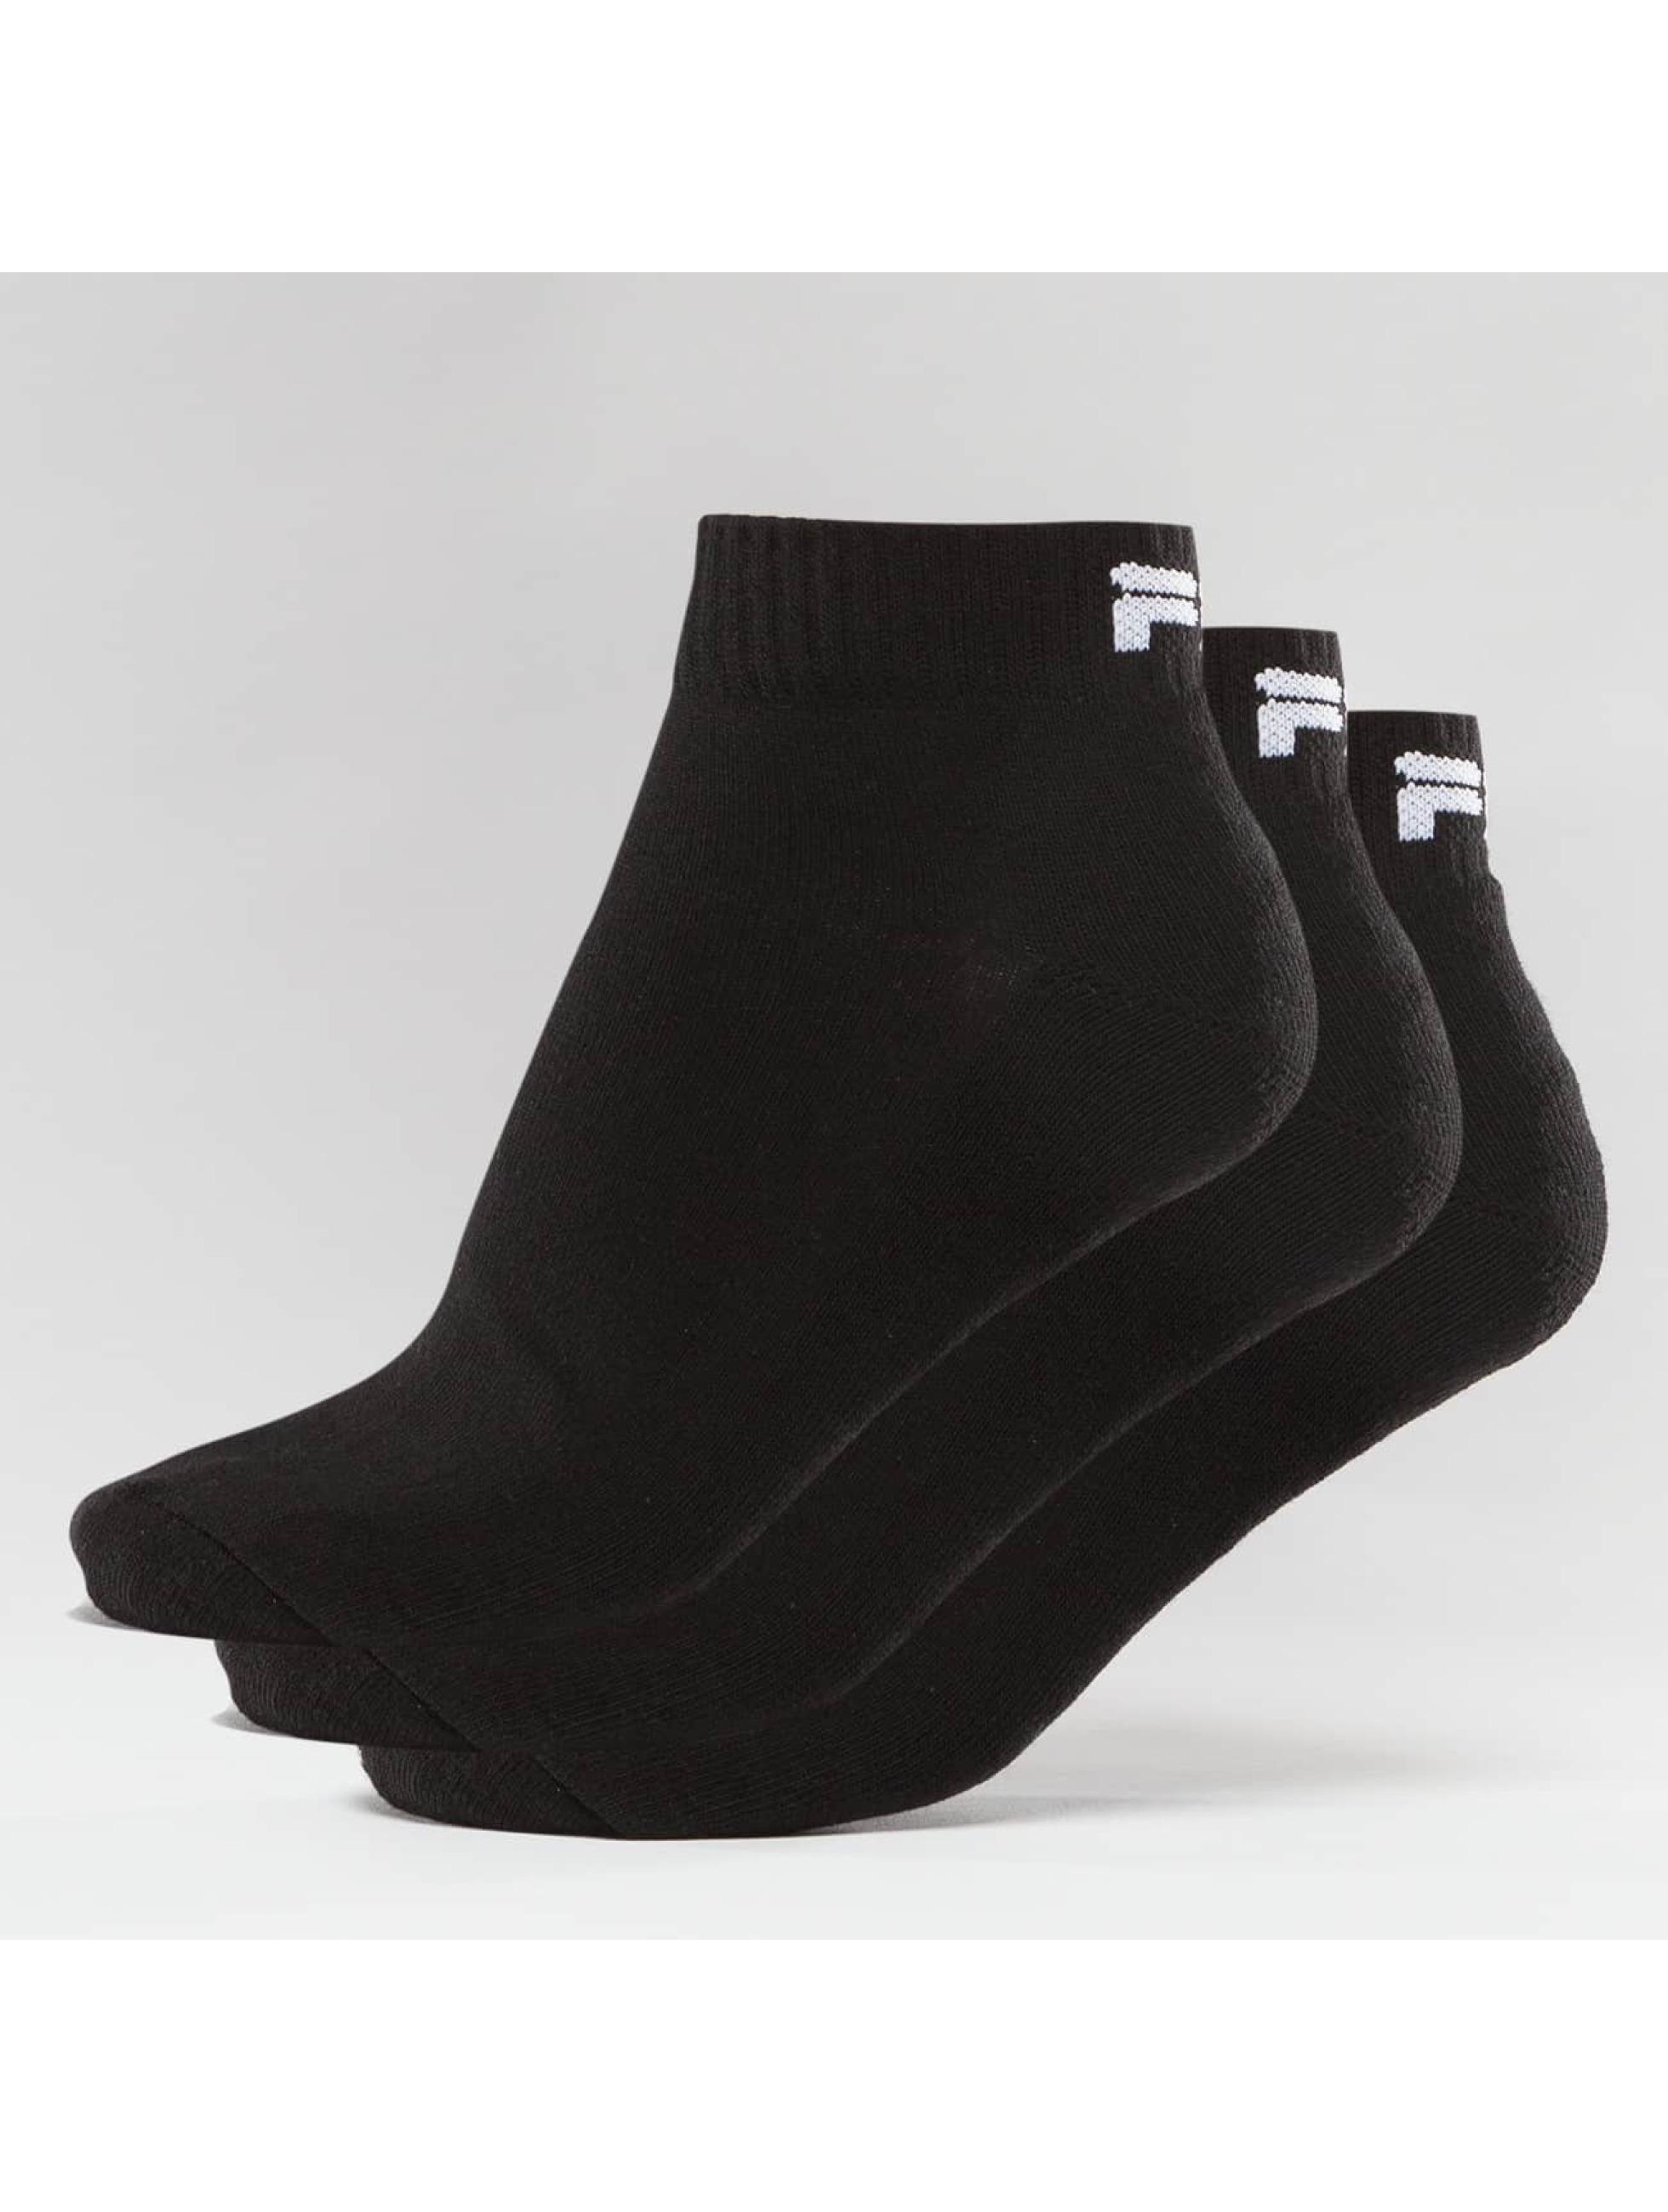 FILA Chaussettes 3-Pack noir